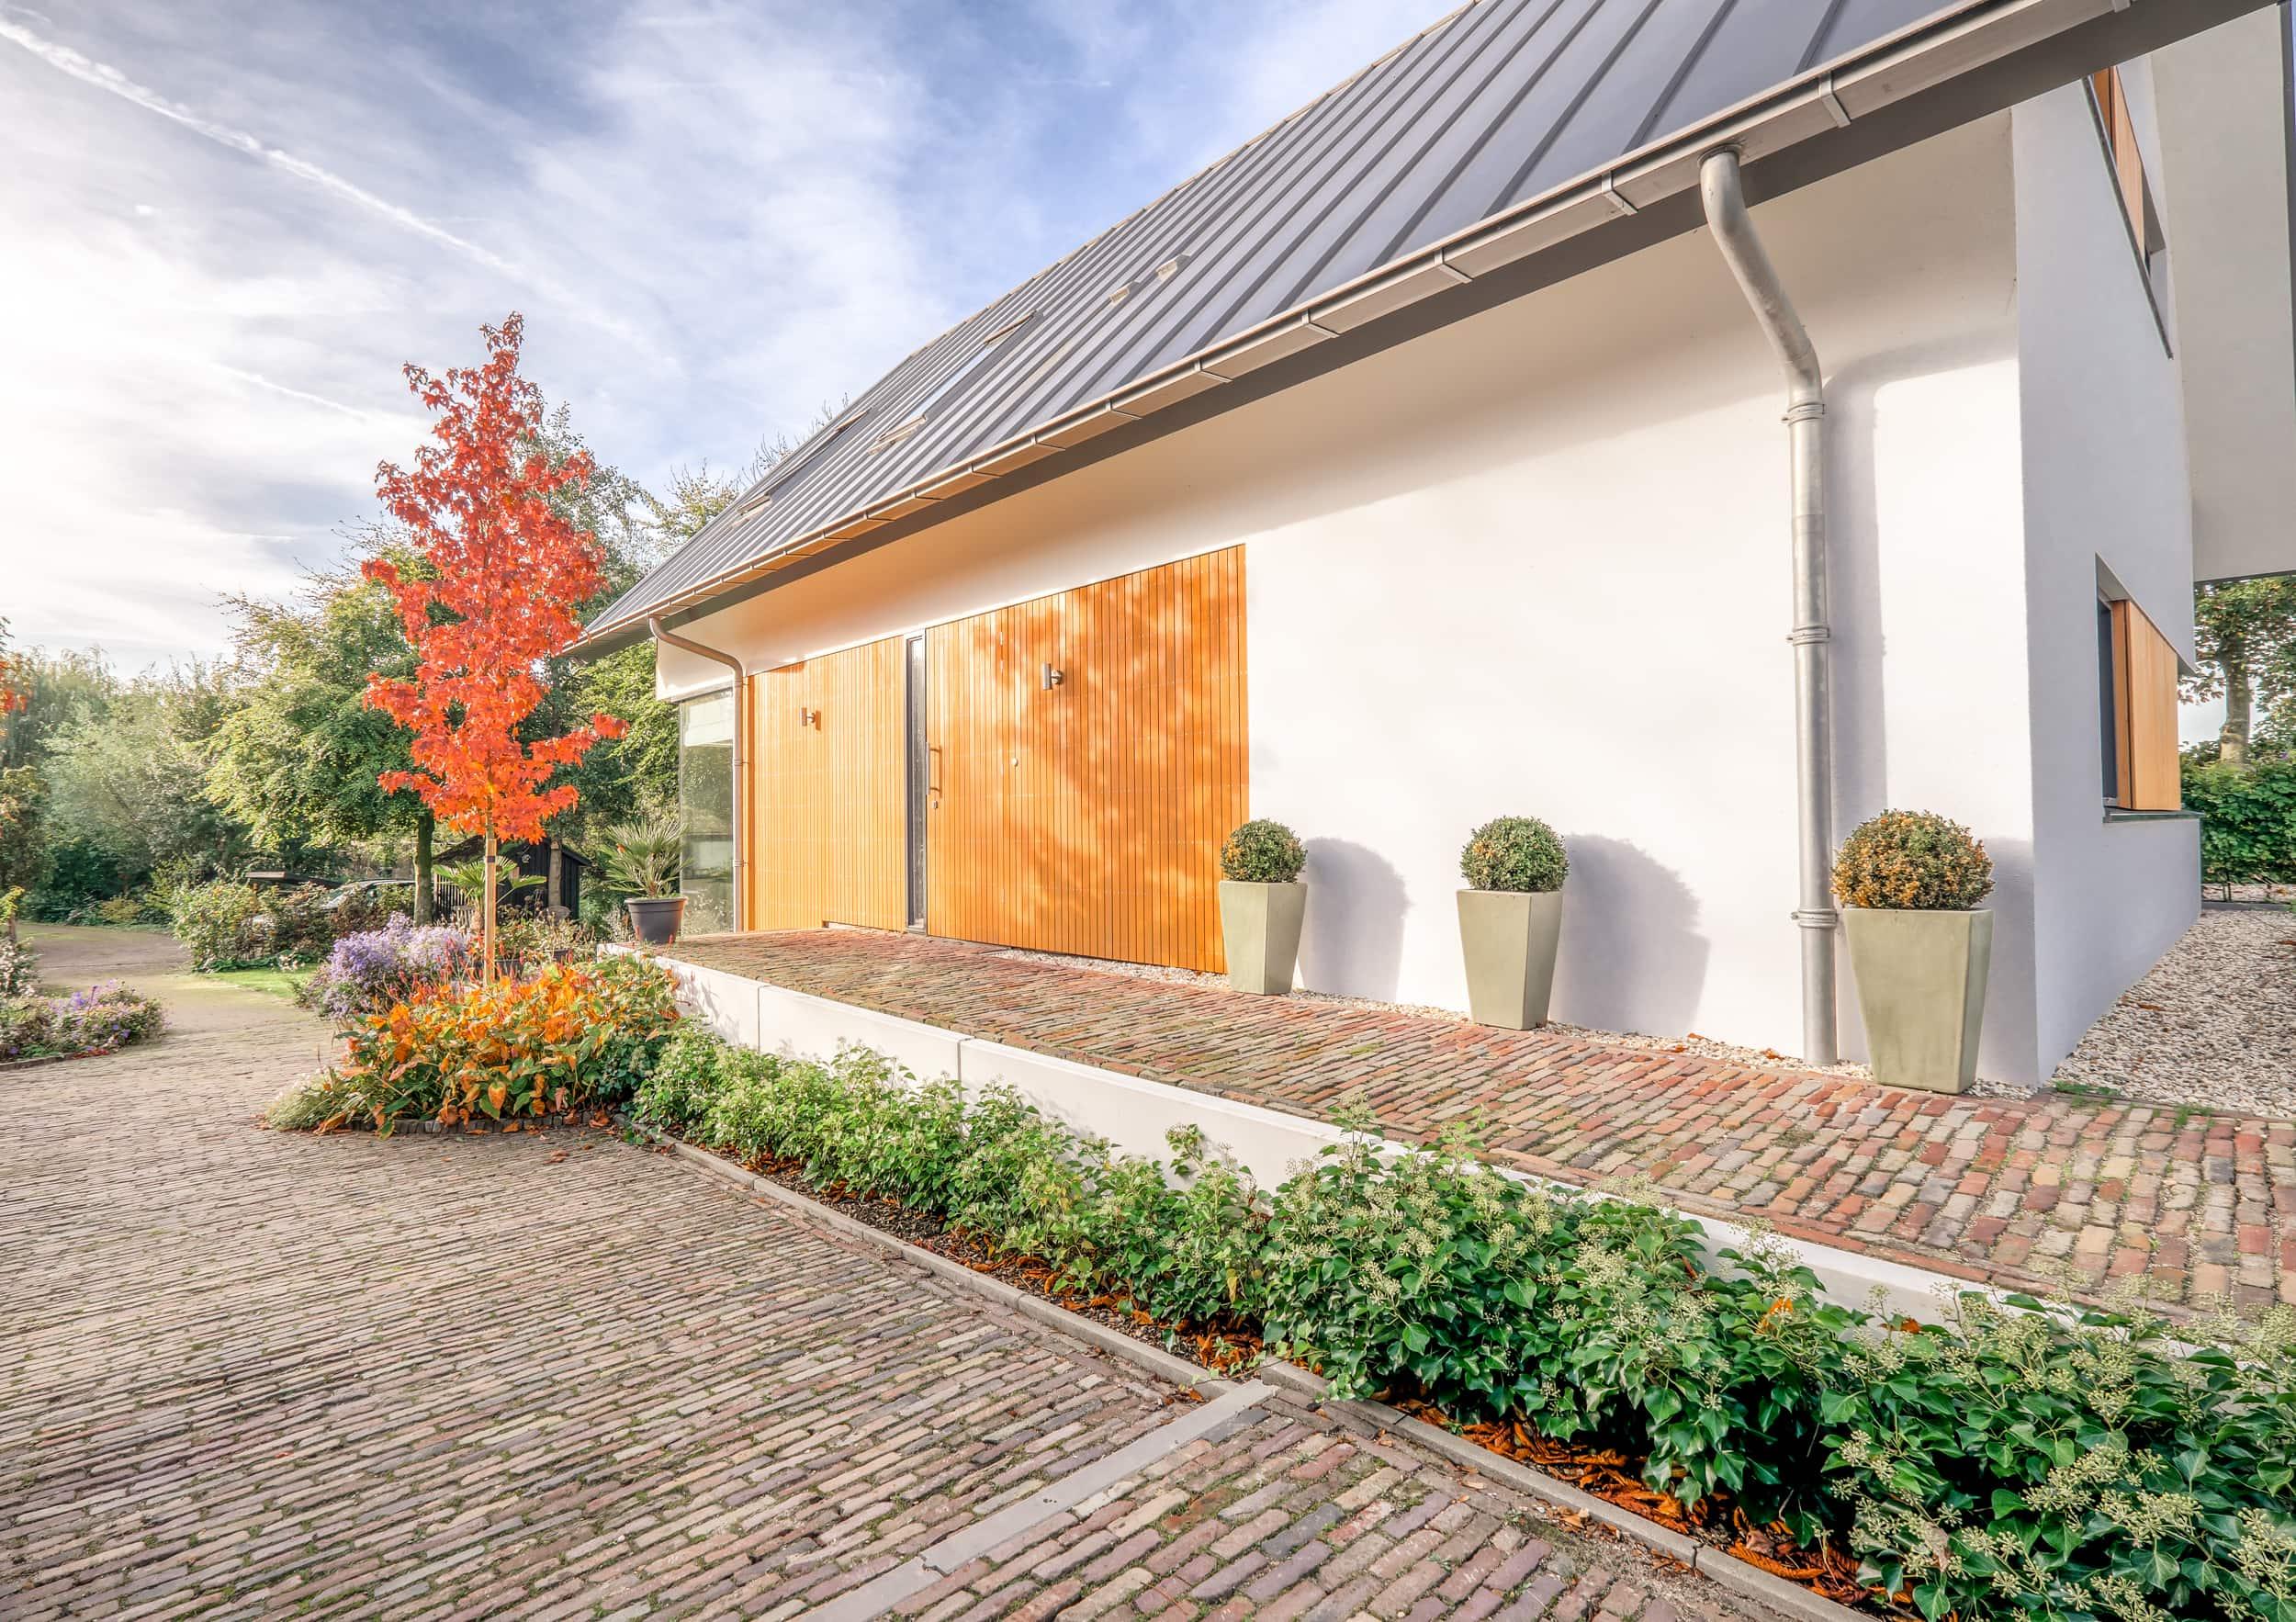 van-os-architecten-nieuwbouw-dijkwoning-rottekade-zevenhuizen-gevel-met-stalen-dak-houten-gevebekleding-en-stucwerk